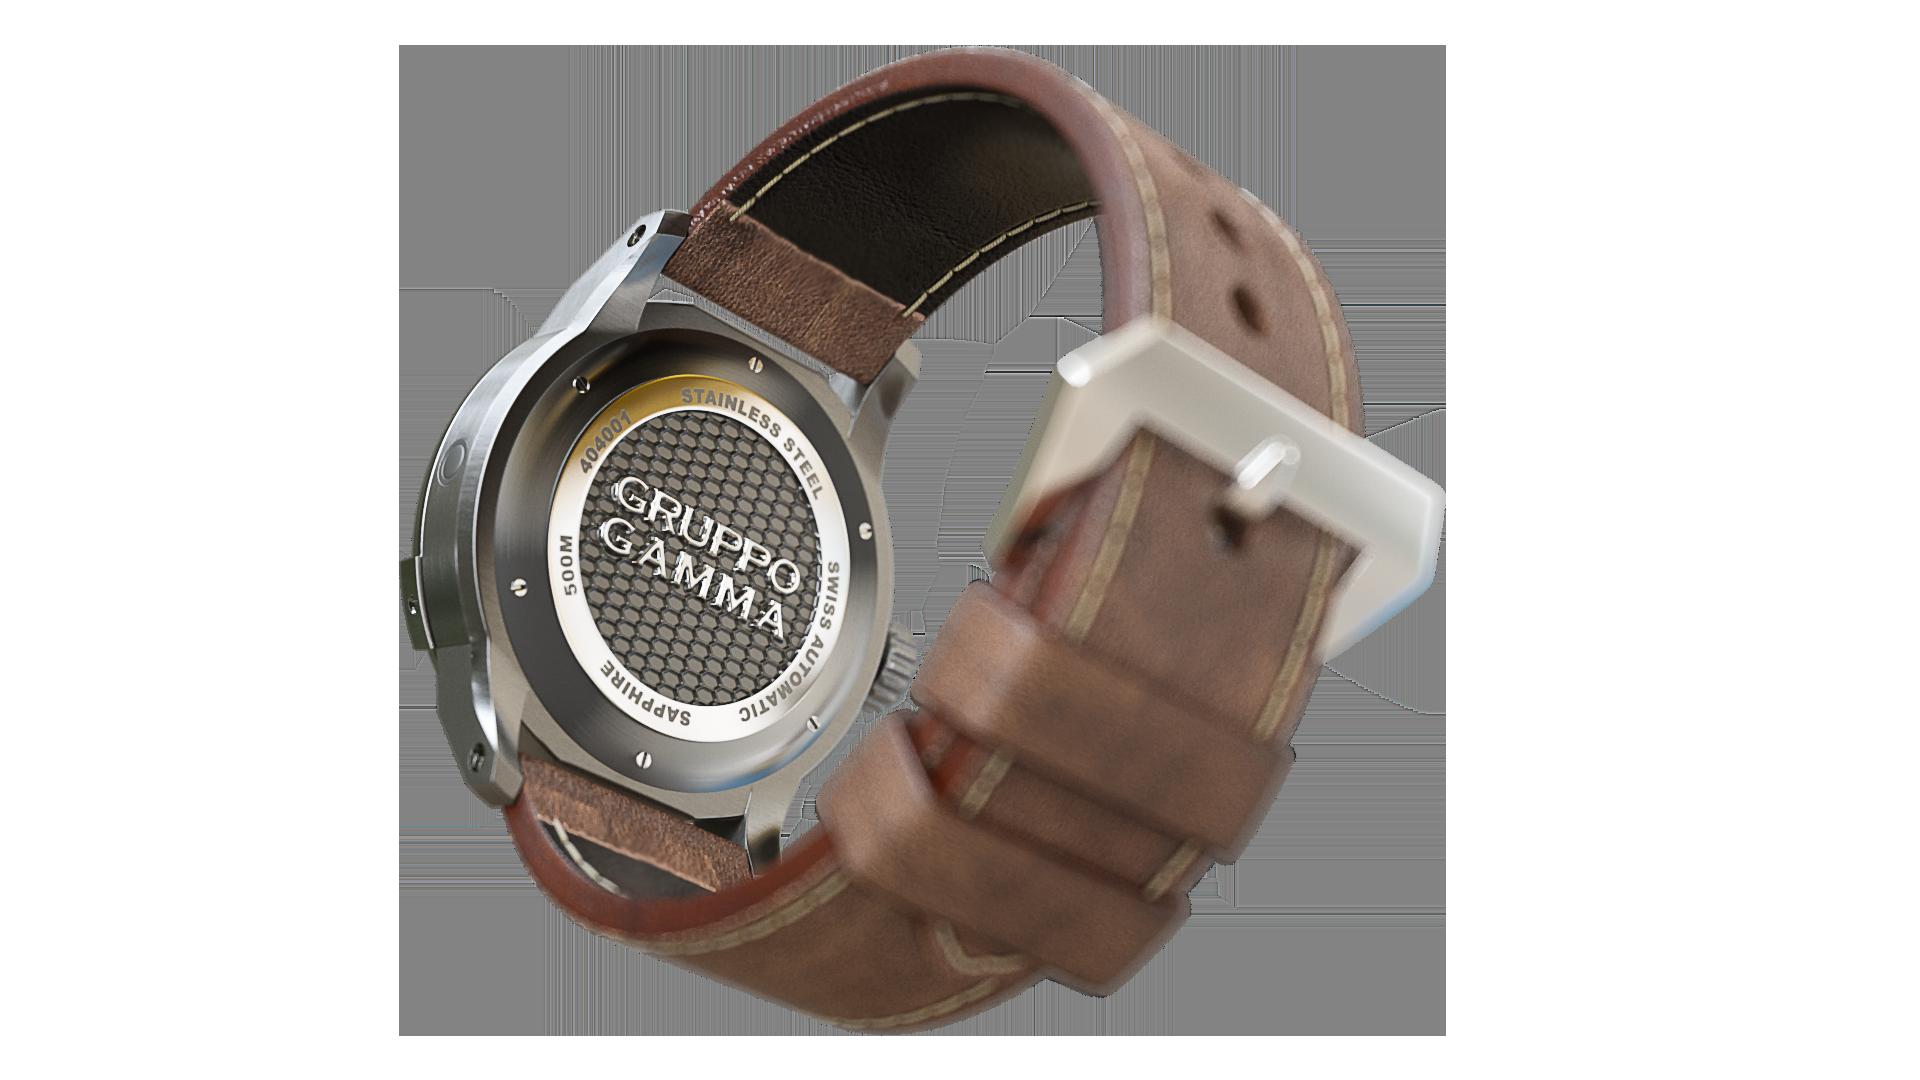 Divemaster DG-06 Preordine / Preorder